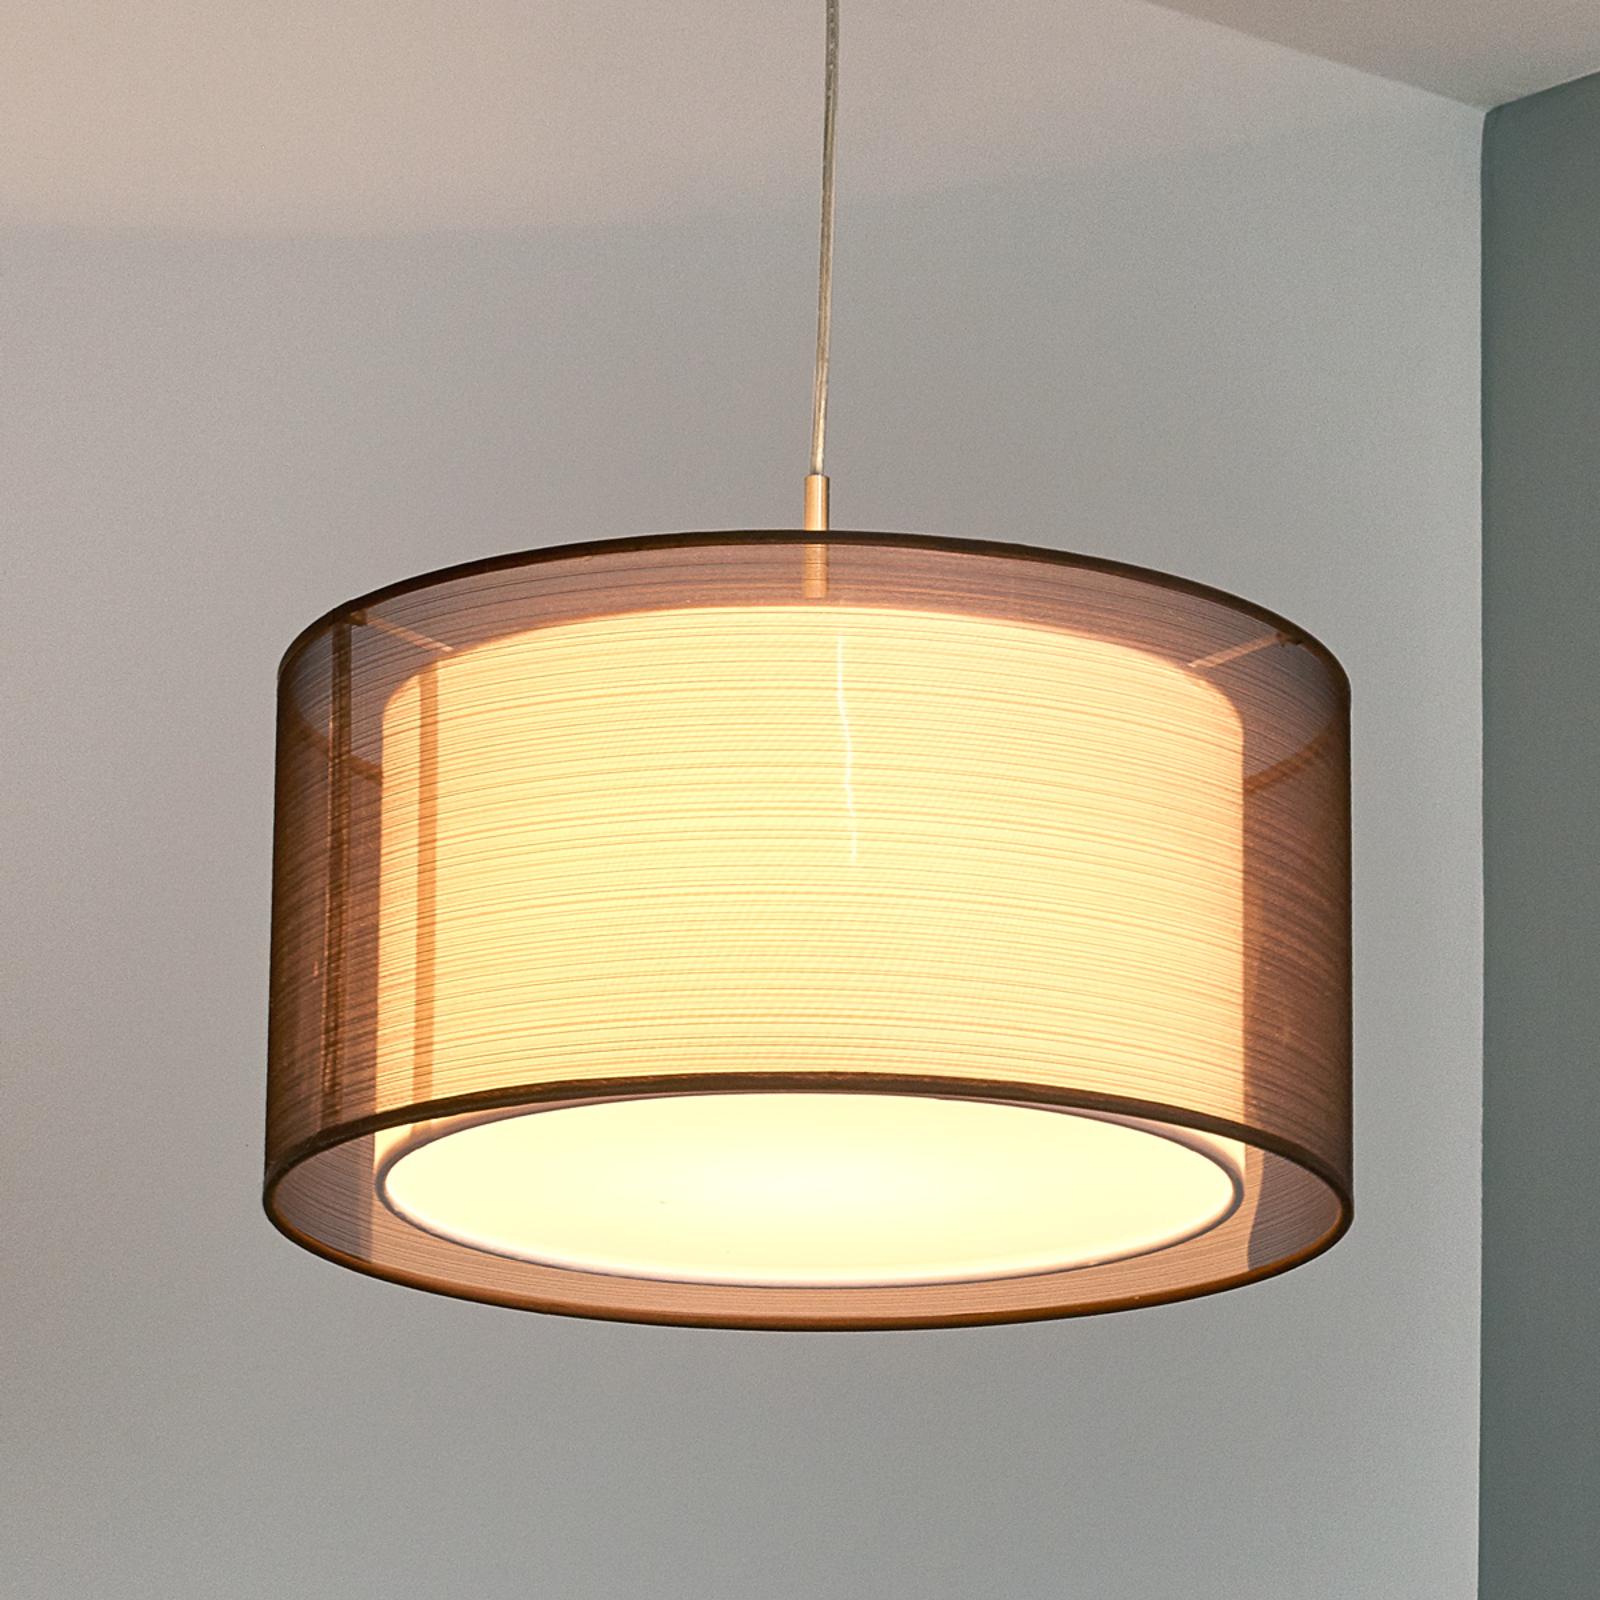 Textielen hanglamp Nica in bruin